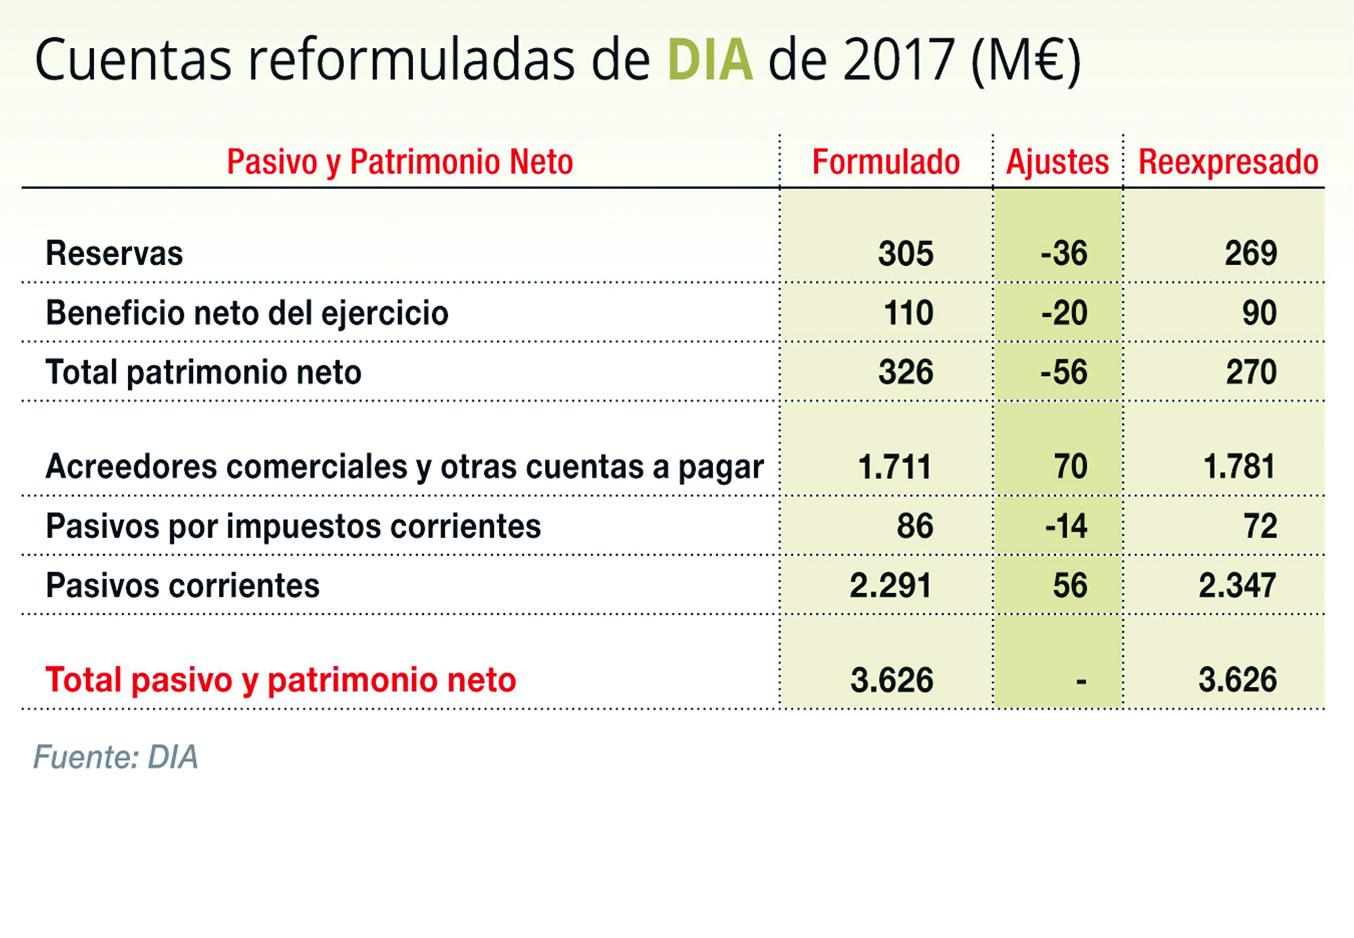 DIA reformula sus cuentas de 2017 y rebaja beneficios casi un 20%